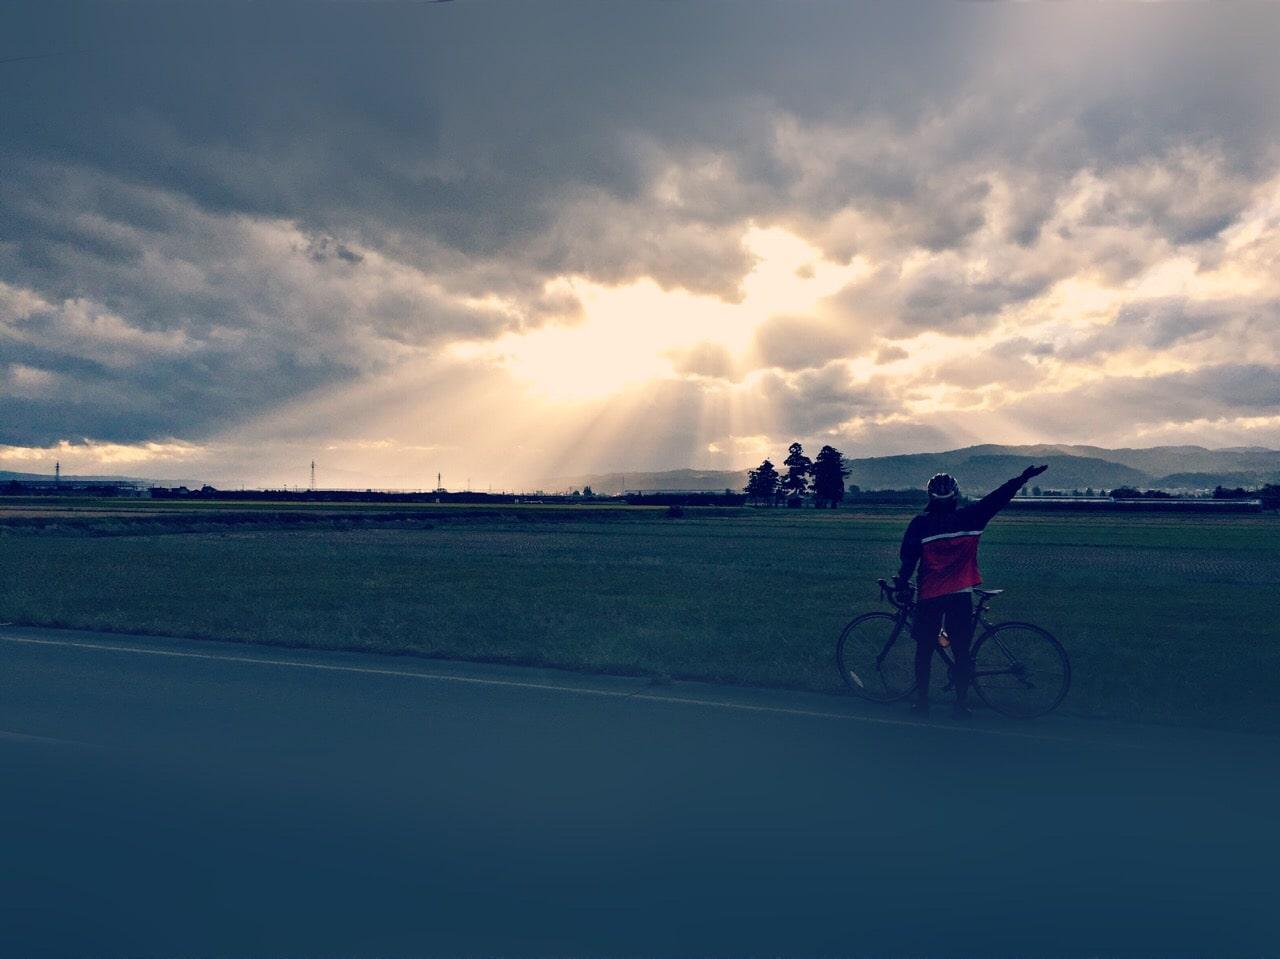 サイクリング冬10度の女服装イメージ画像